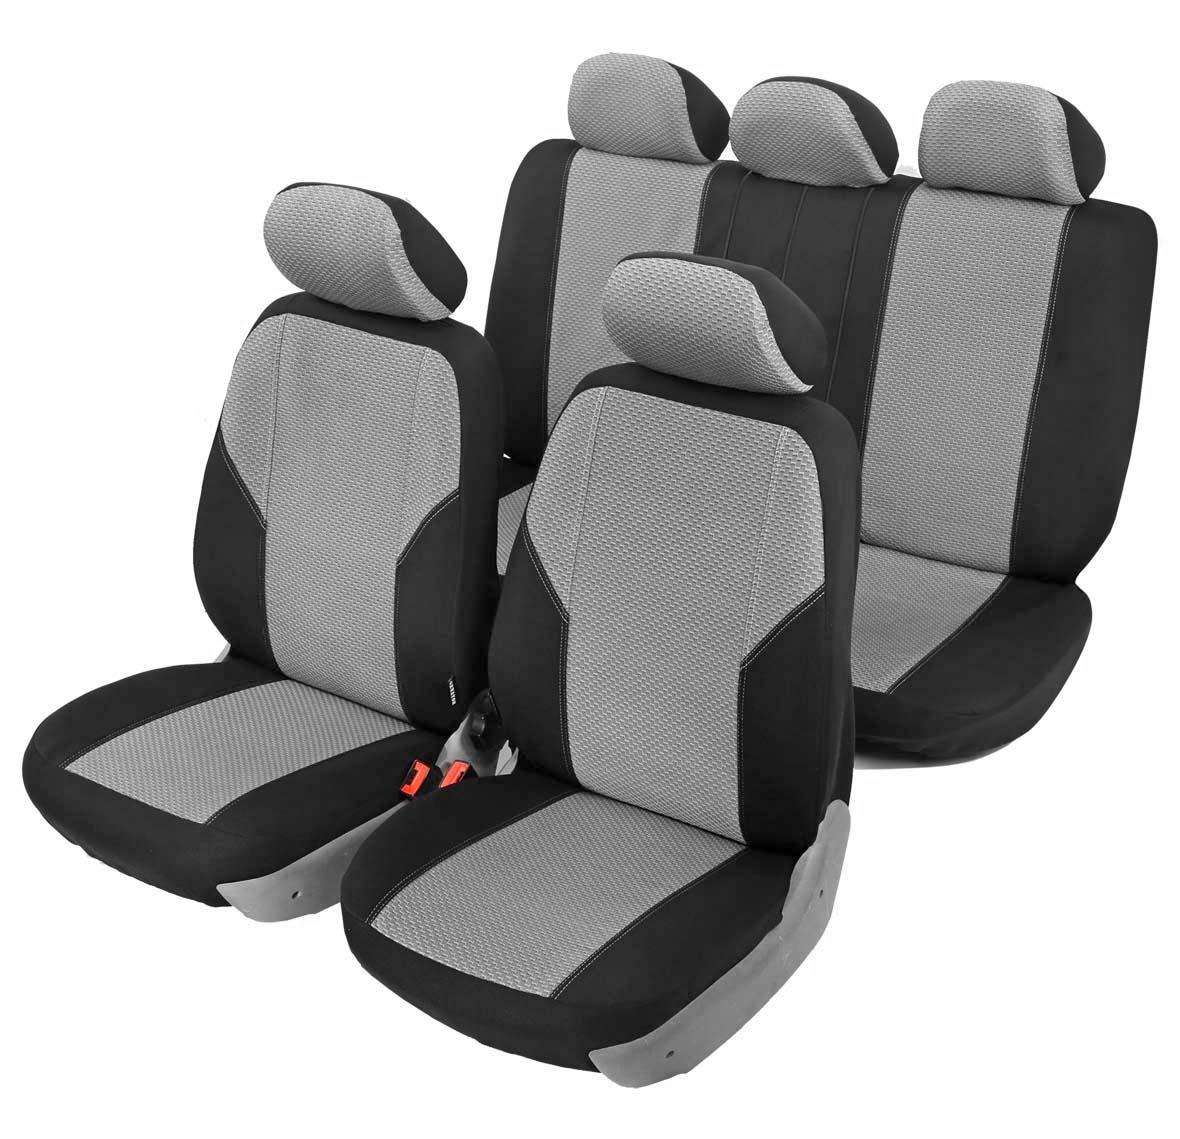 Чехол на автомобильное кресло универсальный Senator Maine, размер M, 11 предметов, карман, 6 молний, цвет: серыйSJ111162Универсальные классические чехлы из сверхпрочного жаккарда. Применимы для 95% легкового автопарка РФ.Благодаря особому крою типа «В» чехлы идеально облегают сидения автомобиля. Специальный боковой шов позволяет применять авто чехлы в автомобилях с боковыми подушками безопасности (AIR BAG).Раздельная схема надевания обеспечивает легкую установку авто чехлов. Дополнительное удобство создает наличие предустановленных крючков, утягивающего шнура, фиксирующей липучки на передних спинках, а также предустановленной прорези для установки подголовника.Материал триплирован огнеупорным поролоном 5 мм, за счет чего чехол приобретает дополнительную мягкость и устойчивость к возгоранию.Авточехлы Senator Жаккард Maine износоустойчивы и легко стираются в стиральной машине.